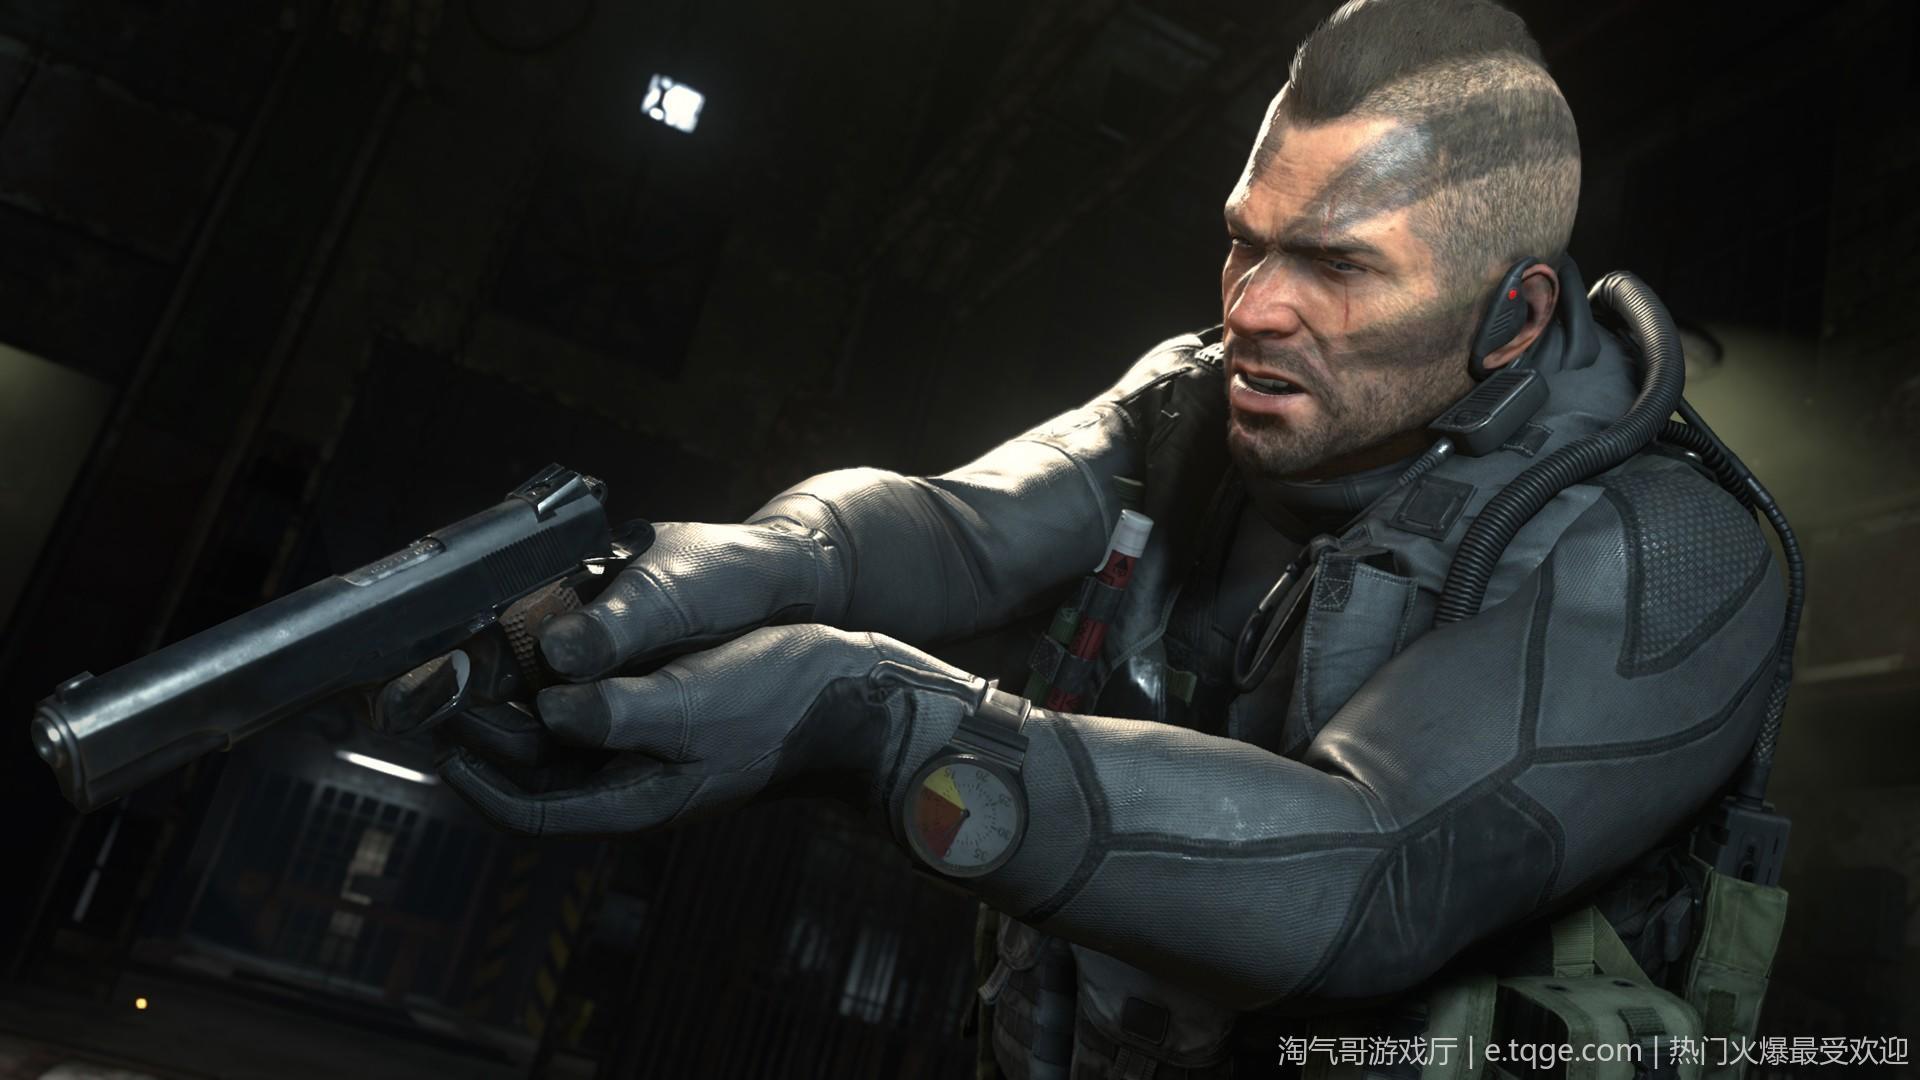 使命召唤6:现代战争2重制版/COD6重制版/使命6重制版 射击游戏 第2张